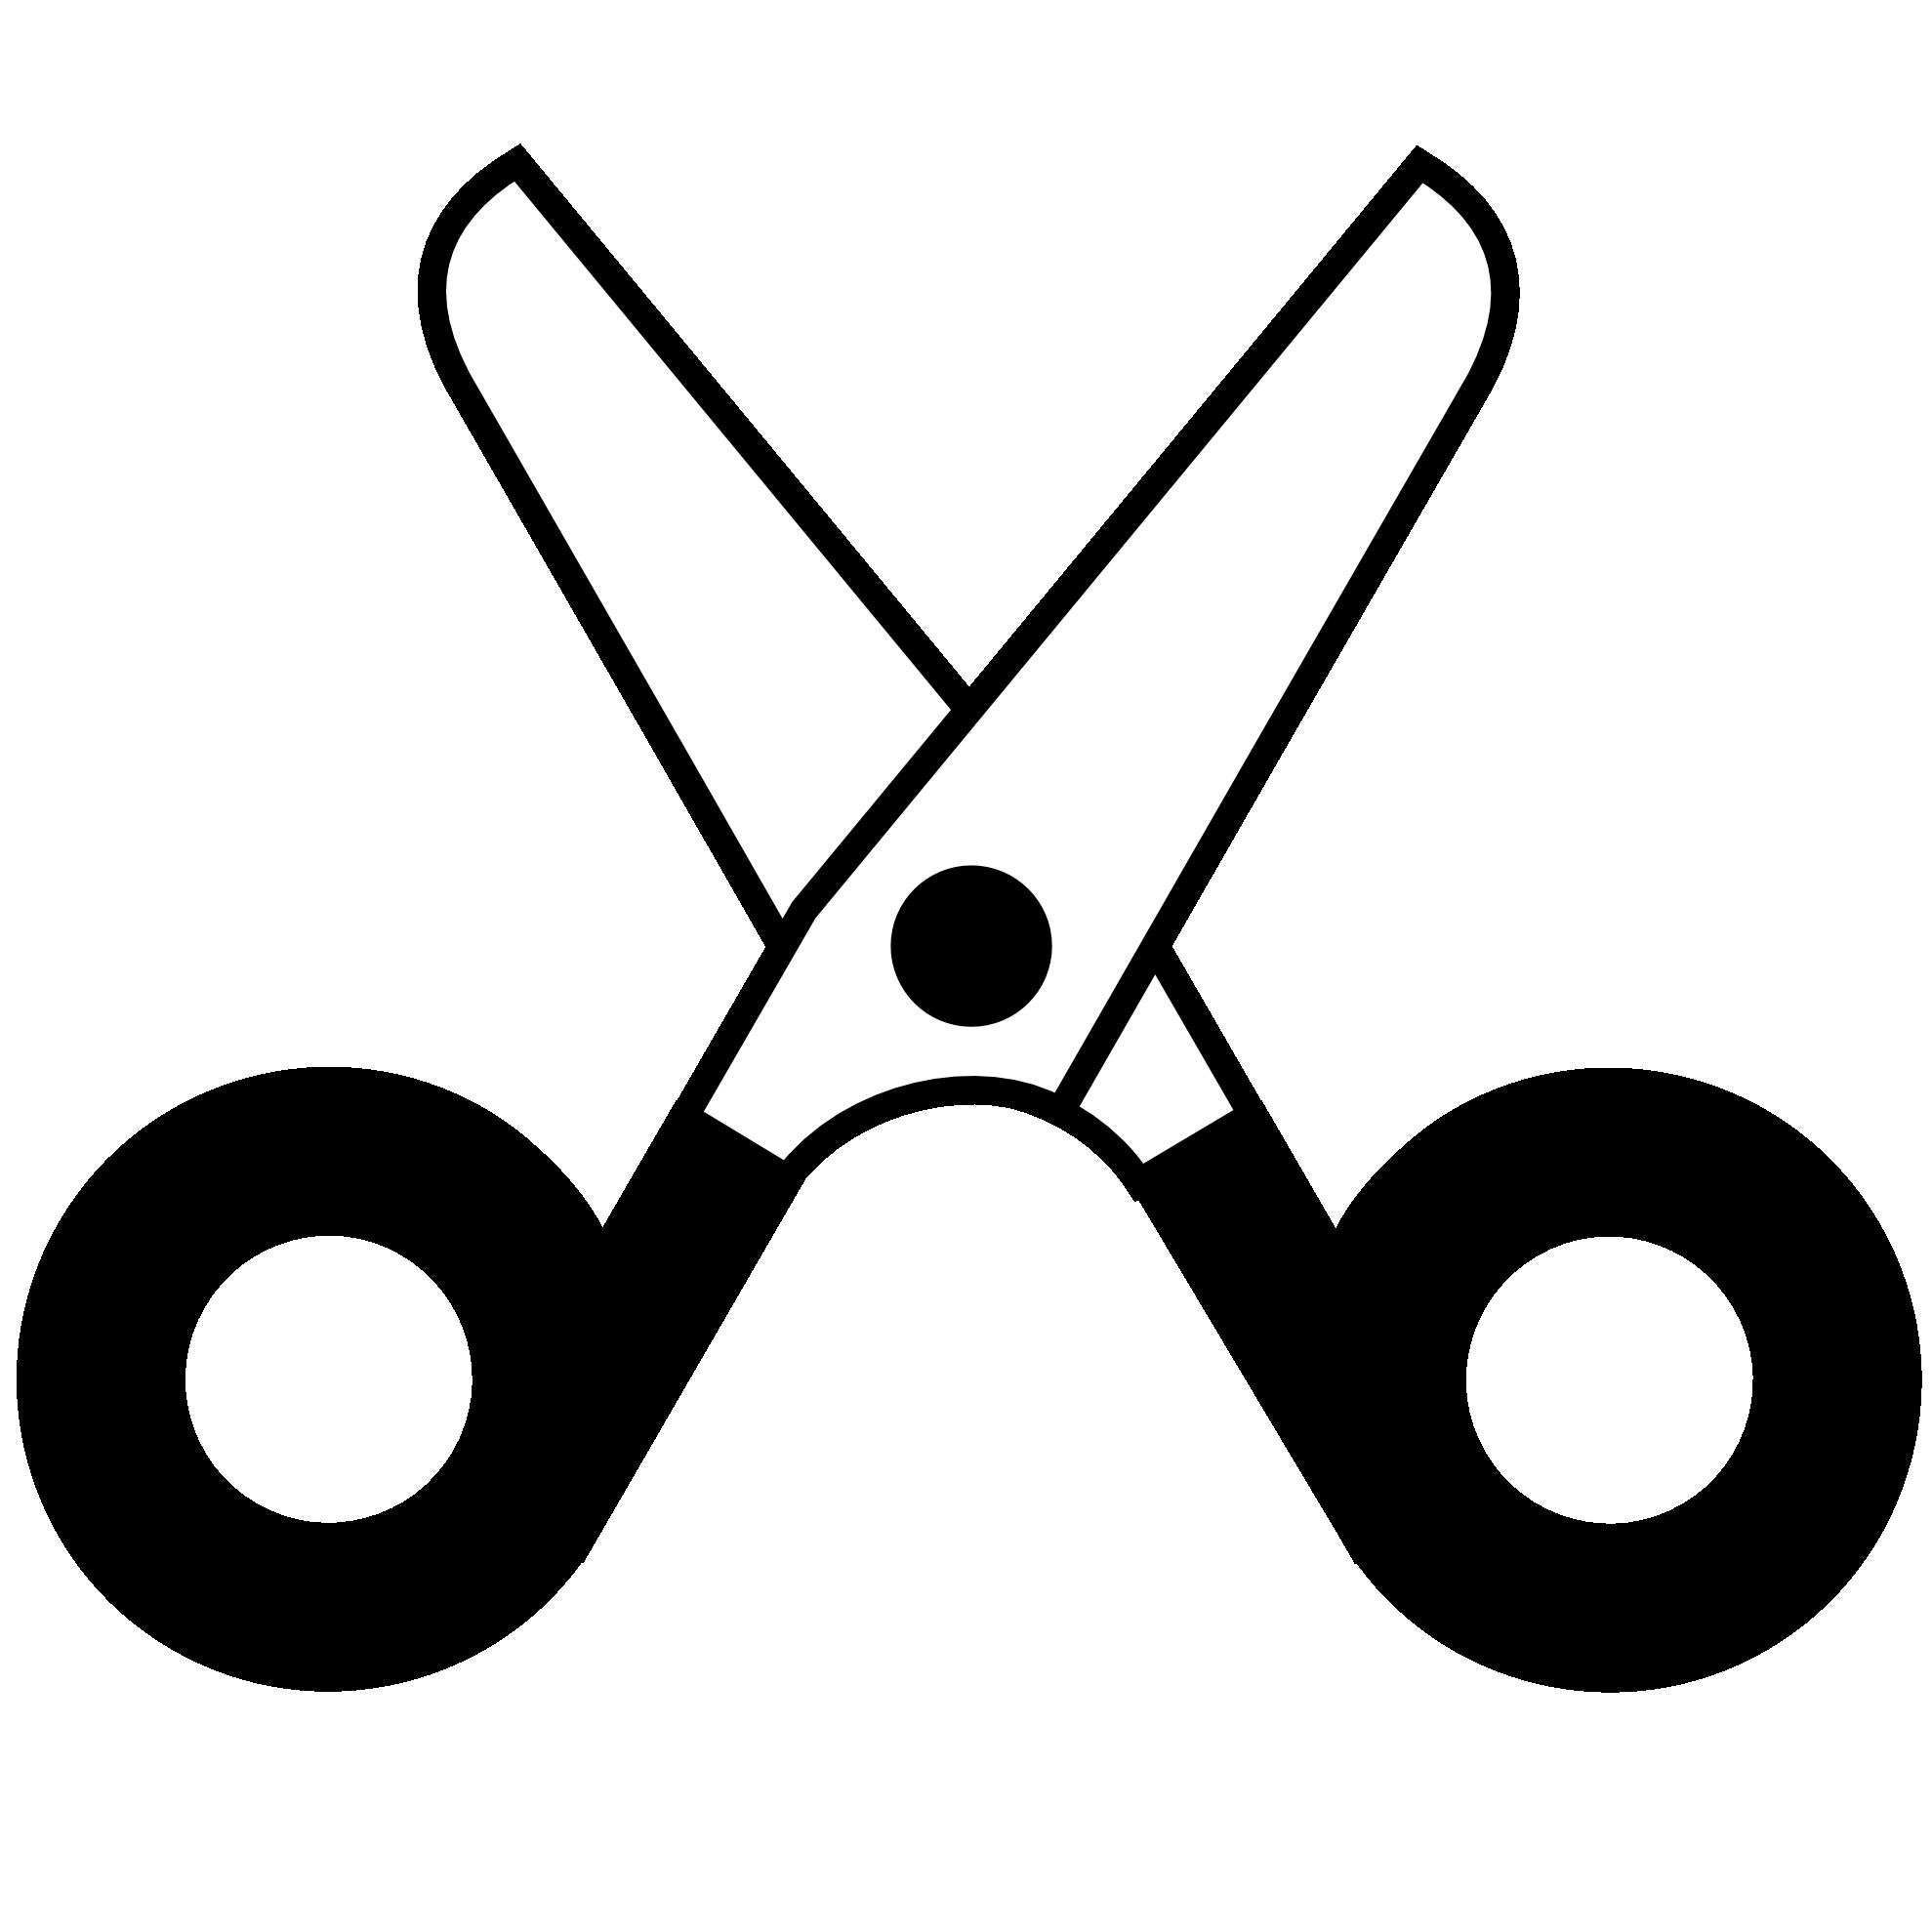 Scissors open icon panda. Shears clipart black and white